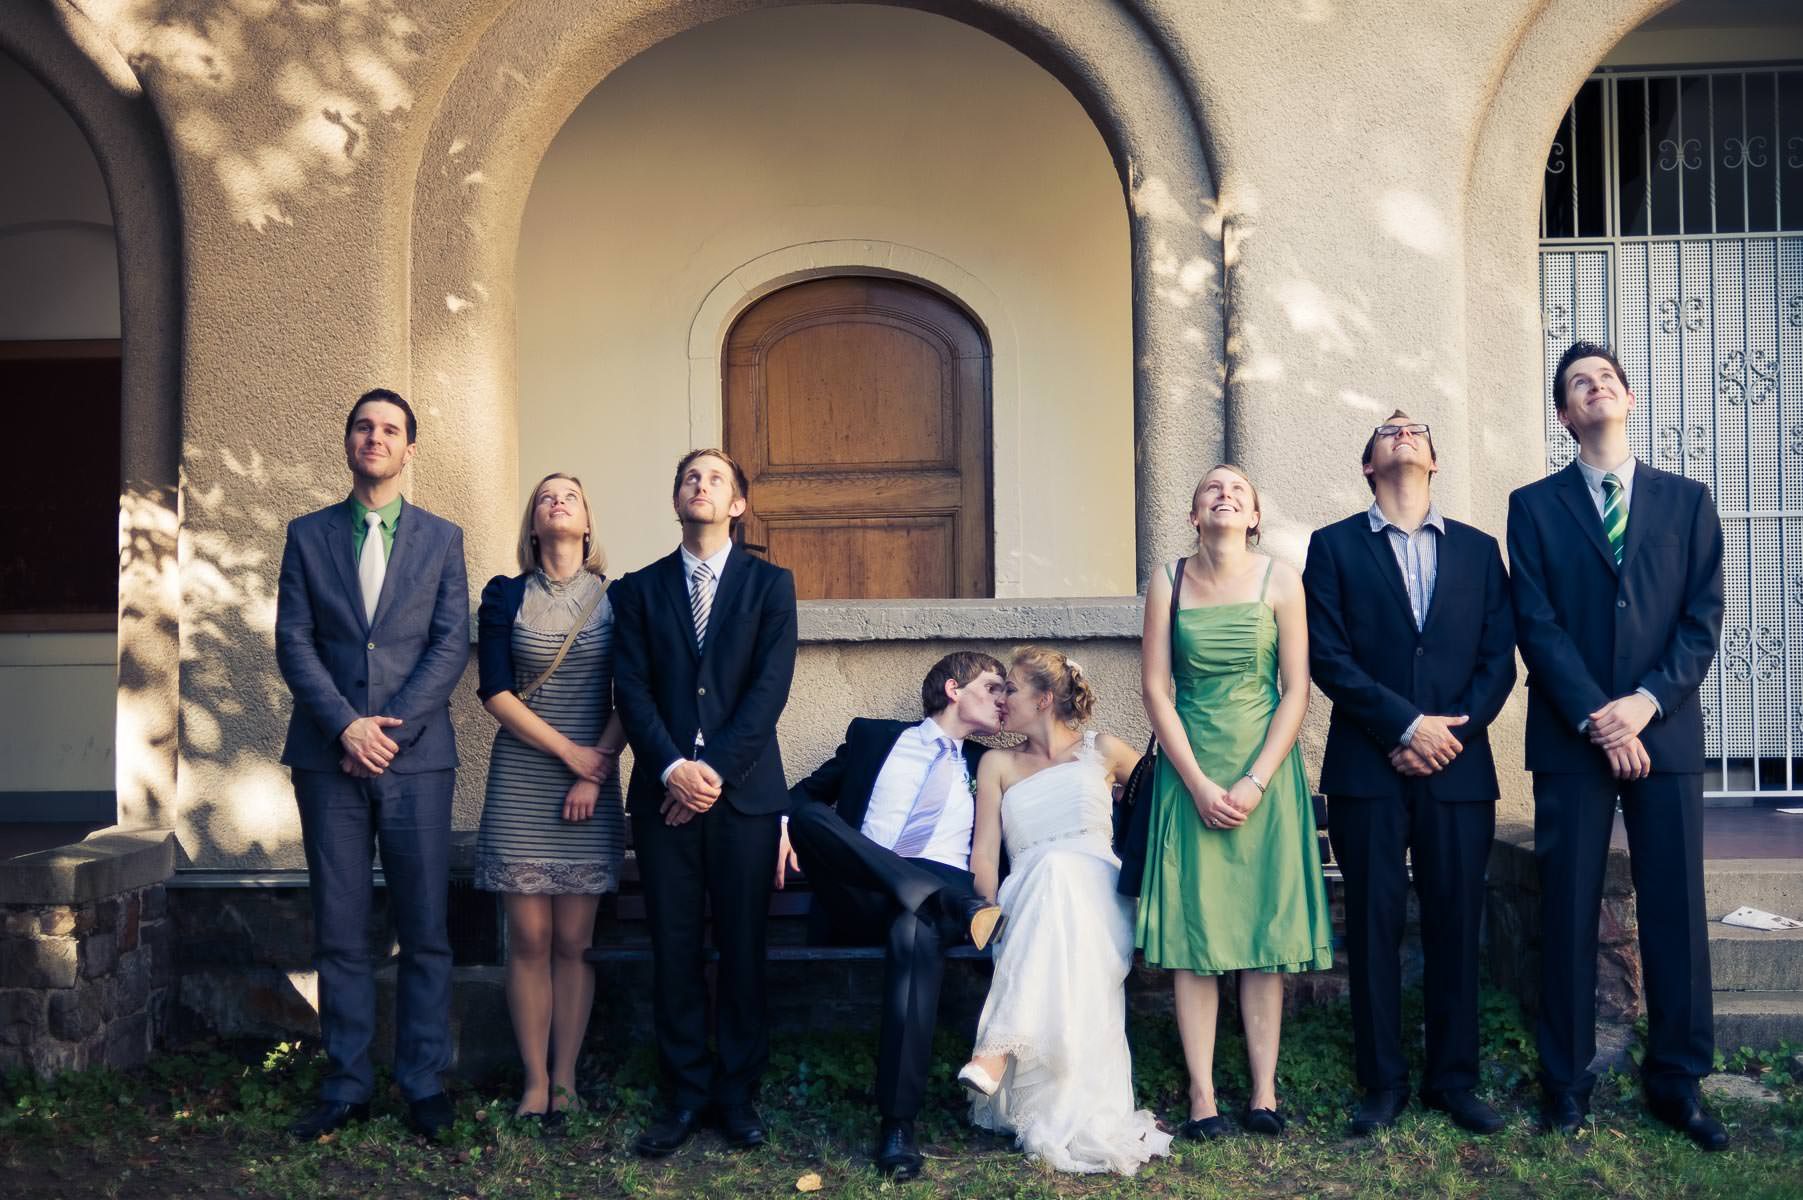 spannendes Gruppenbild auf der Hochzeit